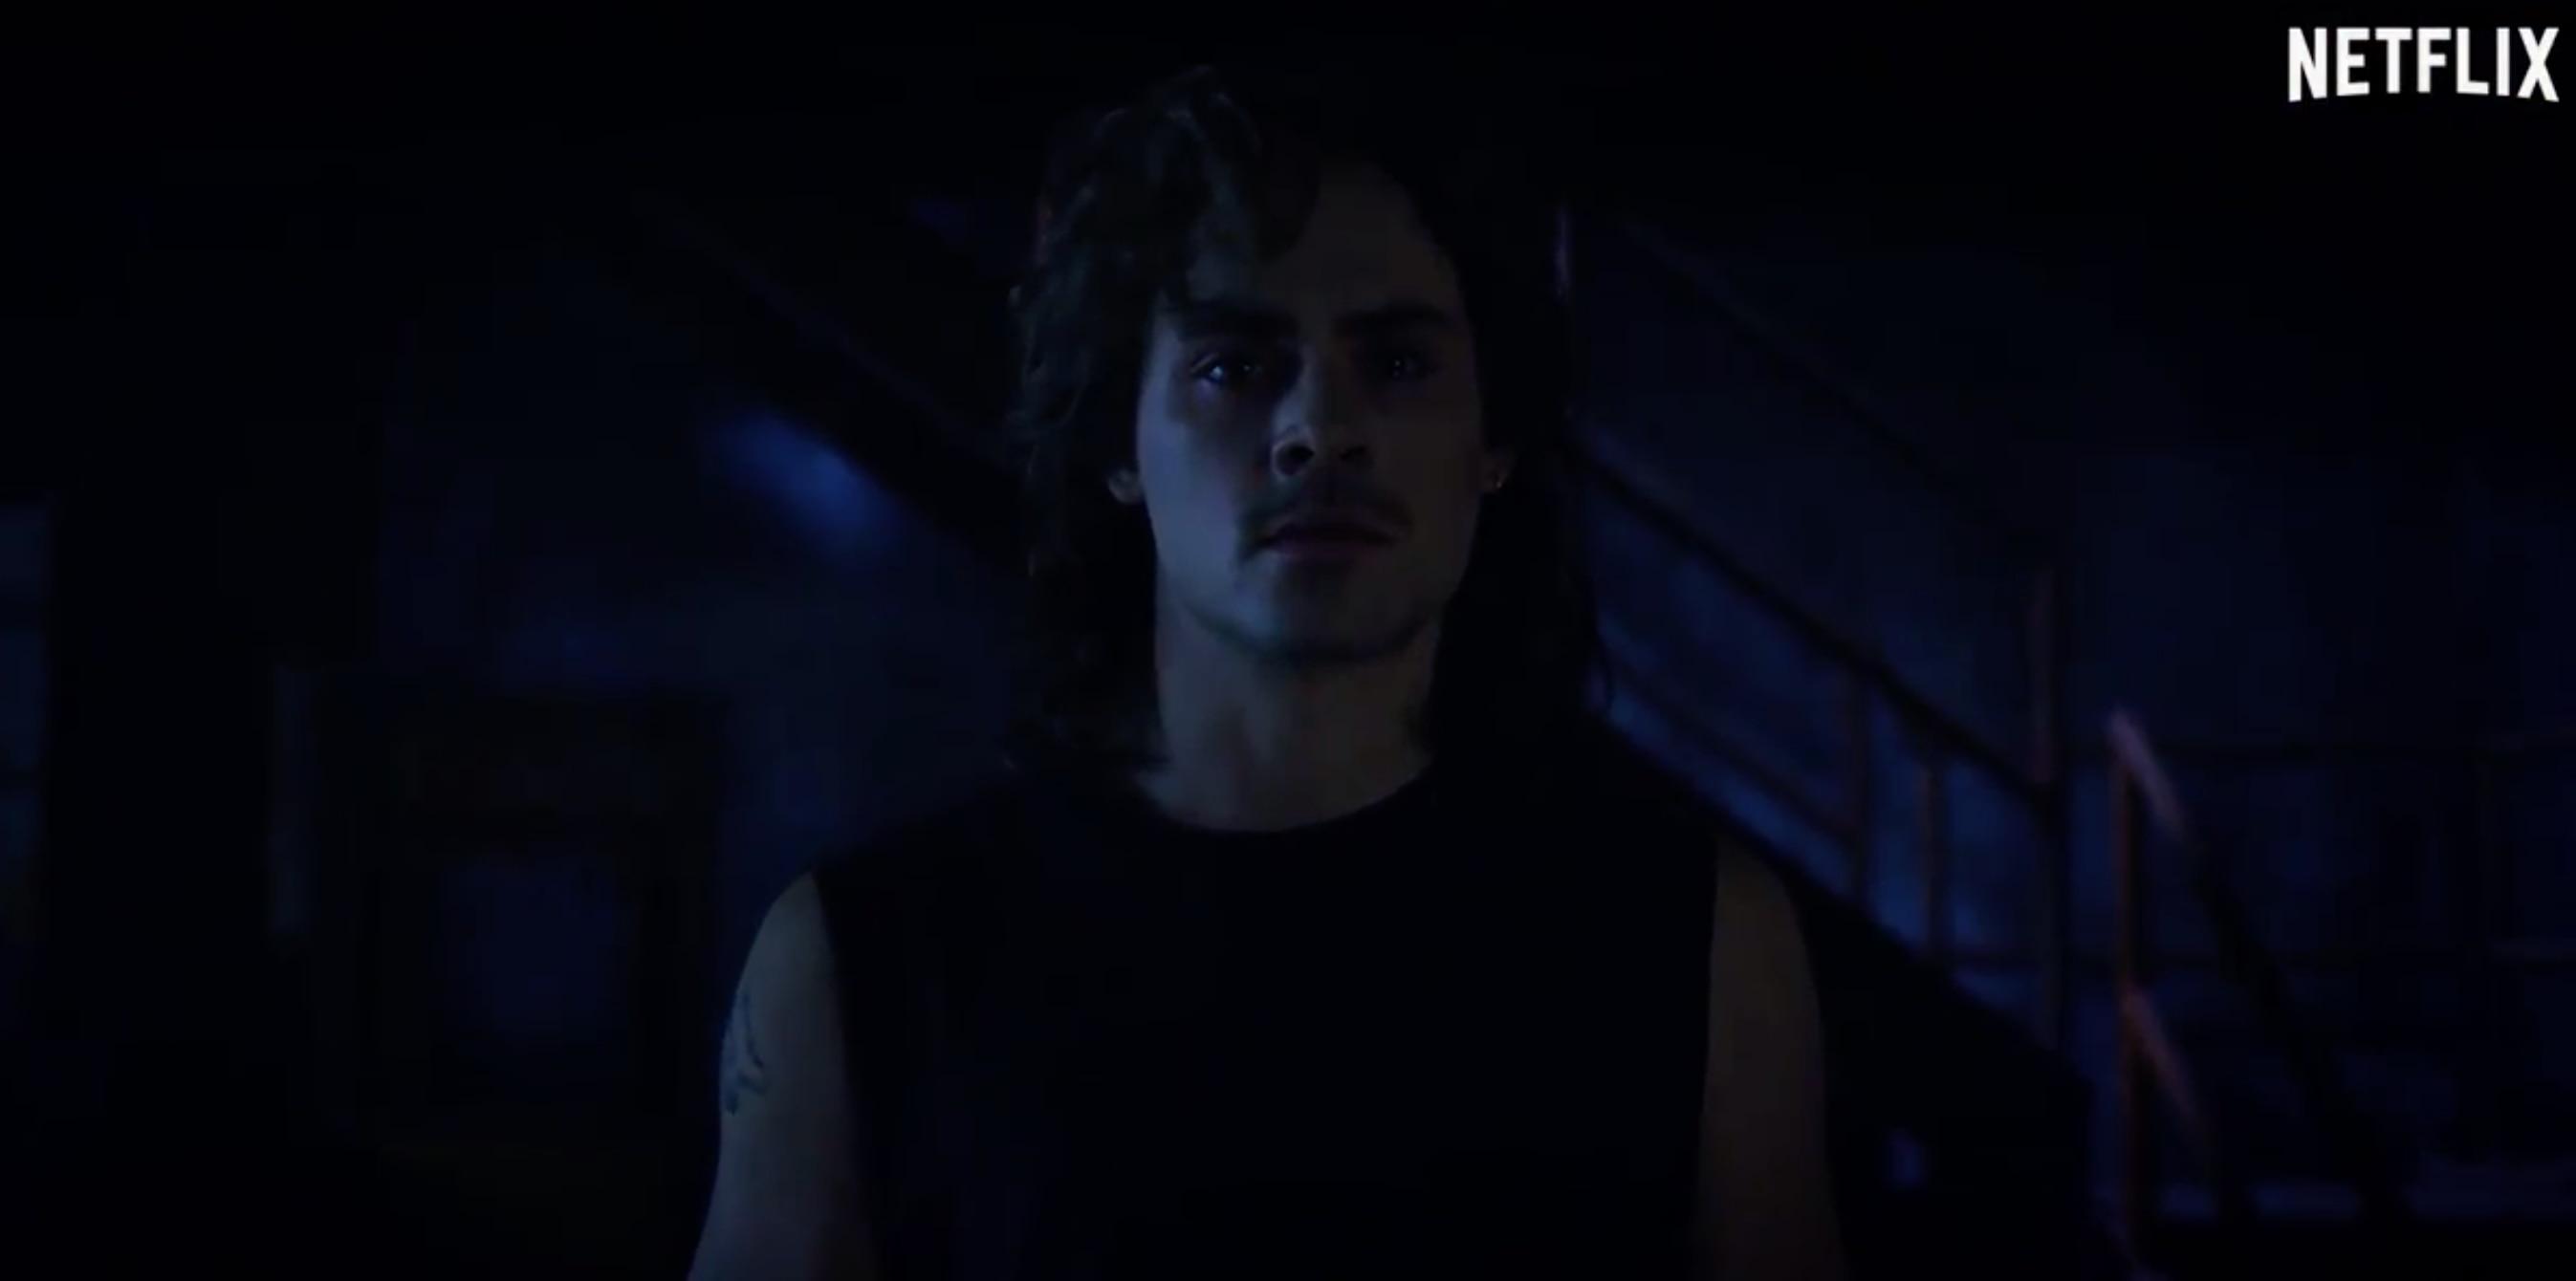 En el avance se presume que Billy, hermanastro de Max, interpretado por Dacre Montgomery, será el nuevo huésped del antagonista (Foto: Netflix)